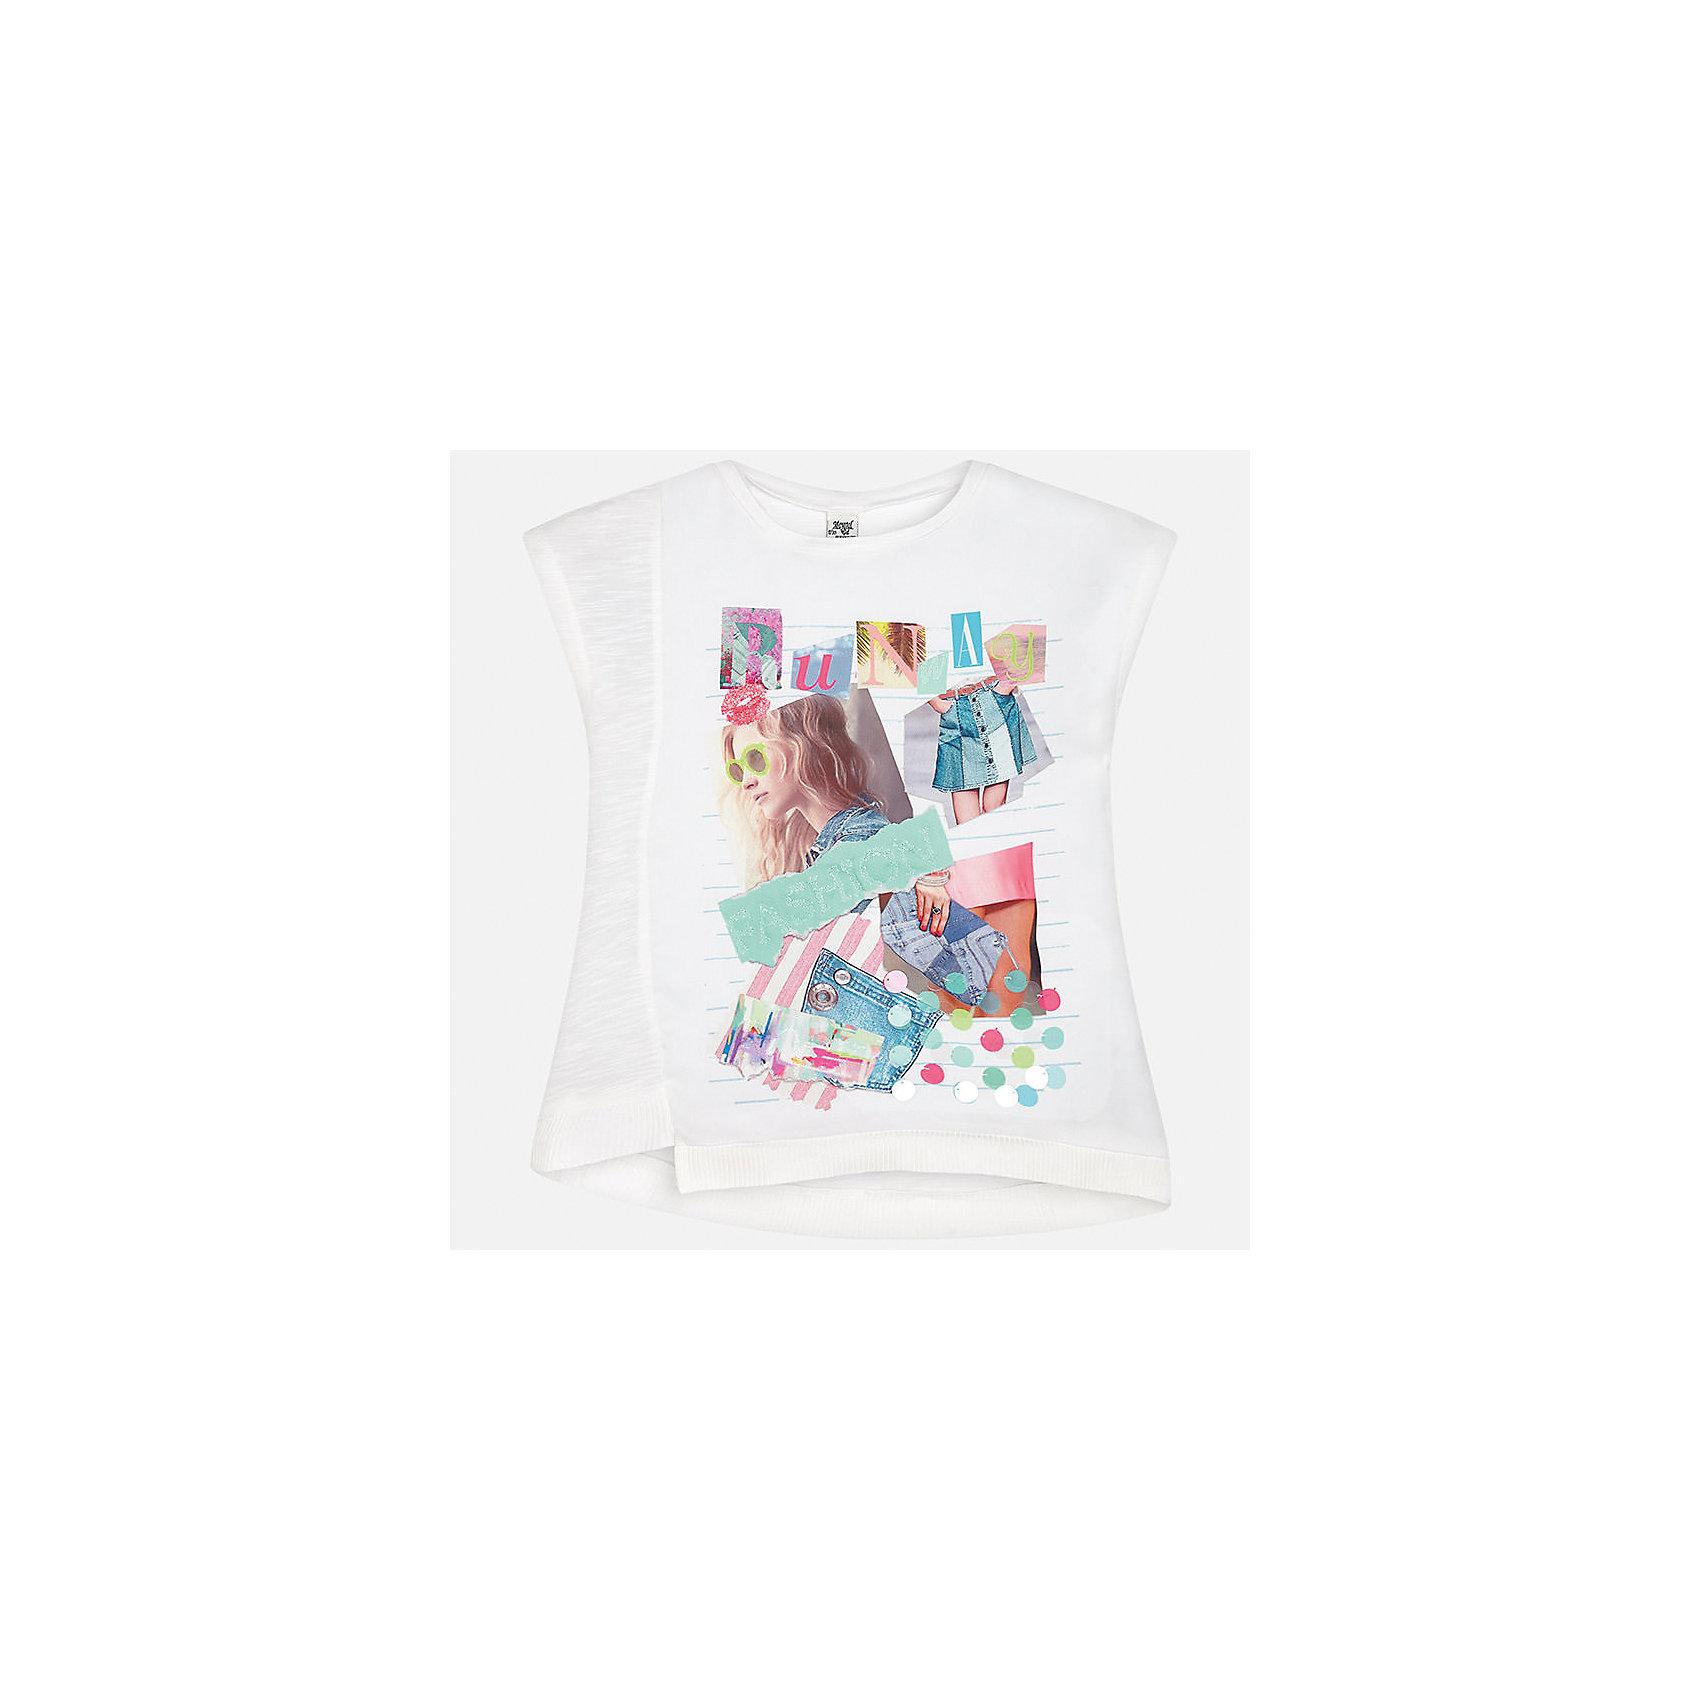 Футболка для девочки MayoralФутболки, поло и топы<br>Характеристики товара:<br><br>• цвет: белый<br>• состав: 100% хлопок<br>• декорирована принтом<br>• короткие рукава<br>• округлый горловой вырез<br>• страна бренда: Испания<br><br>Стильная качественная футболка для девочки поможет разнообразить гардероб ребенка и украсить наряд. Она отлично сочетается и с юбками, и с шортами, и с брюками. Универсальный цвет позволяет подобрать к вещи низ практически любой расцветки. Интересная отделка модели делает её нарядной и оригинальной. В составе ткани - только натуральный хлопок, гипоаллергенный, приятный на ощупь, дышащий.<br><br>Одежда, обувь и аксессуары от испанского бренда Mayoral полюбились детям и взрослым по всему миру. Модели этой марки - стильные и удобные. Для их производства используются только безопасные, качественные материалы и фурнитура. Порадуйте ребенка модными и красивыми вещами от Mayoral! <br><br>Футболку для девочки от испанского бренда Mayoral (Майорал) можно купить в нашем интернет-магазине.<br><br>Ширина мм: 199<br>Глубина мм: 10<br>Высота мм: 161<br>Вес г: 151<br>Цвет: зеленый<br>Возраст от месяцев: 168<br>Возраст до месяцев: 180<br>Пол: Женский<br>Возраст: Детский<br>Размер: 170,128/134,140,152,158,164<br>SKU: 5292526